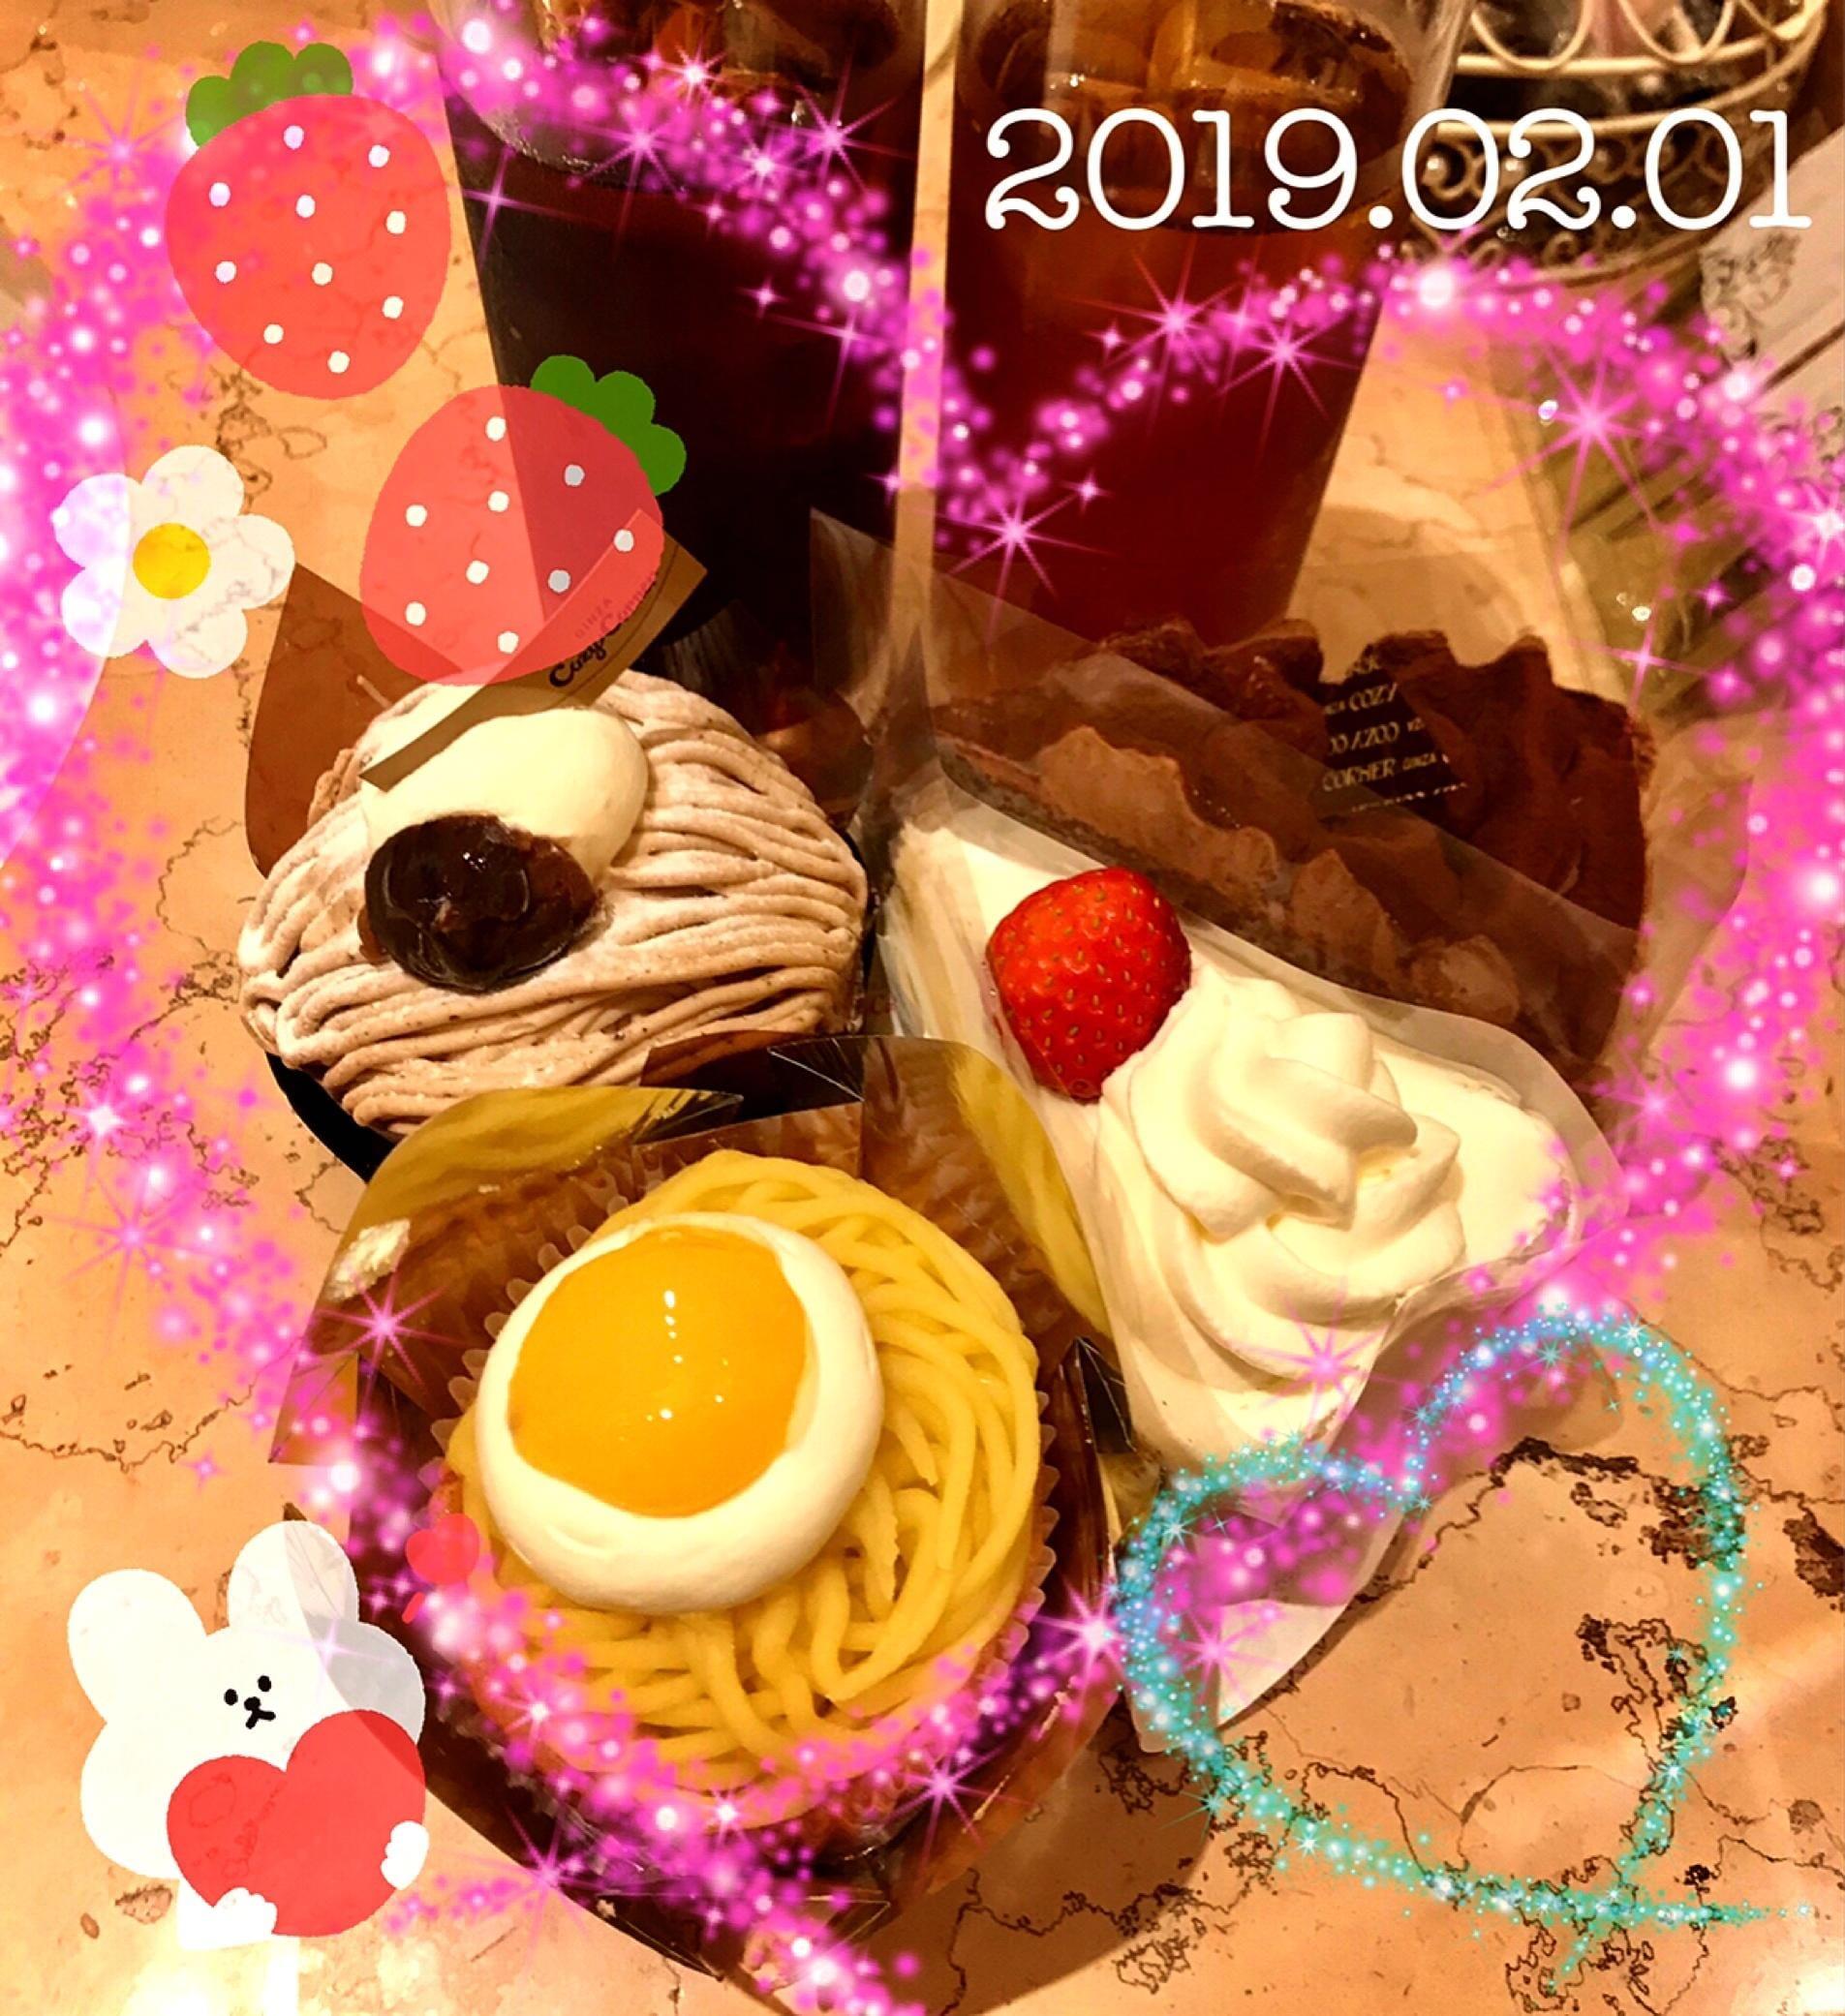 「ご馳走様でしたPart5☆」02/02(02/02) 19:43 | 柴崎 れんかの写メ・風俗動画